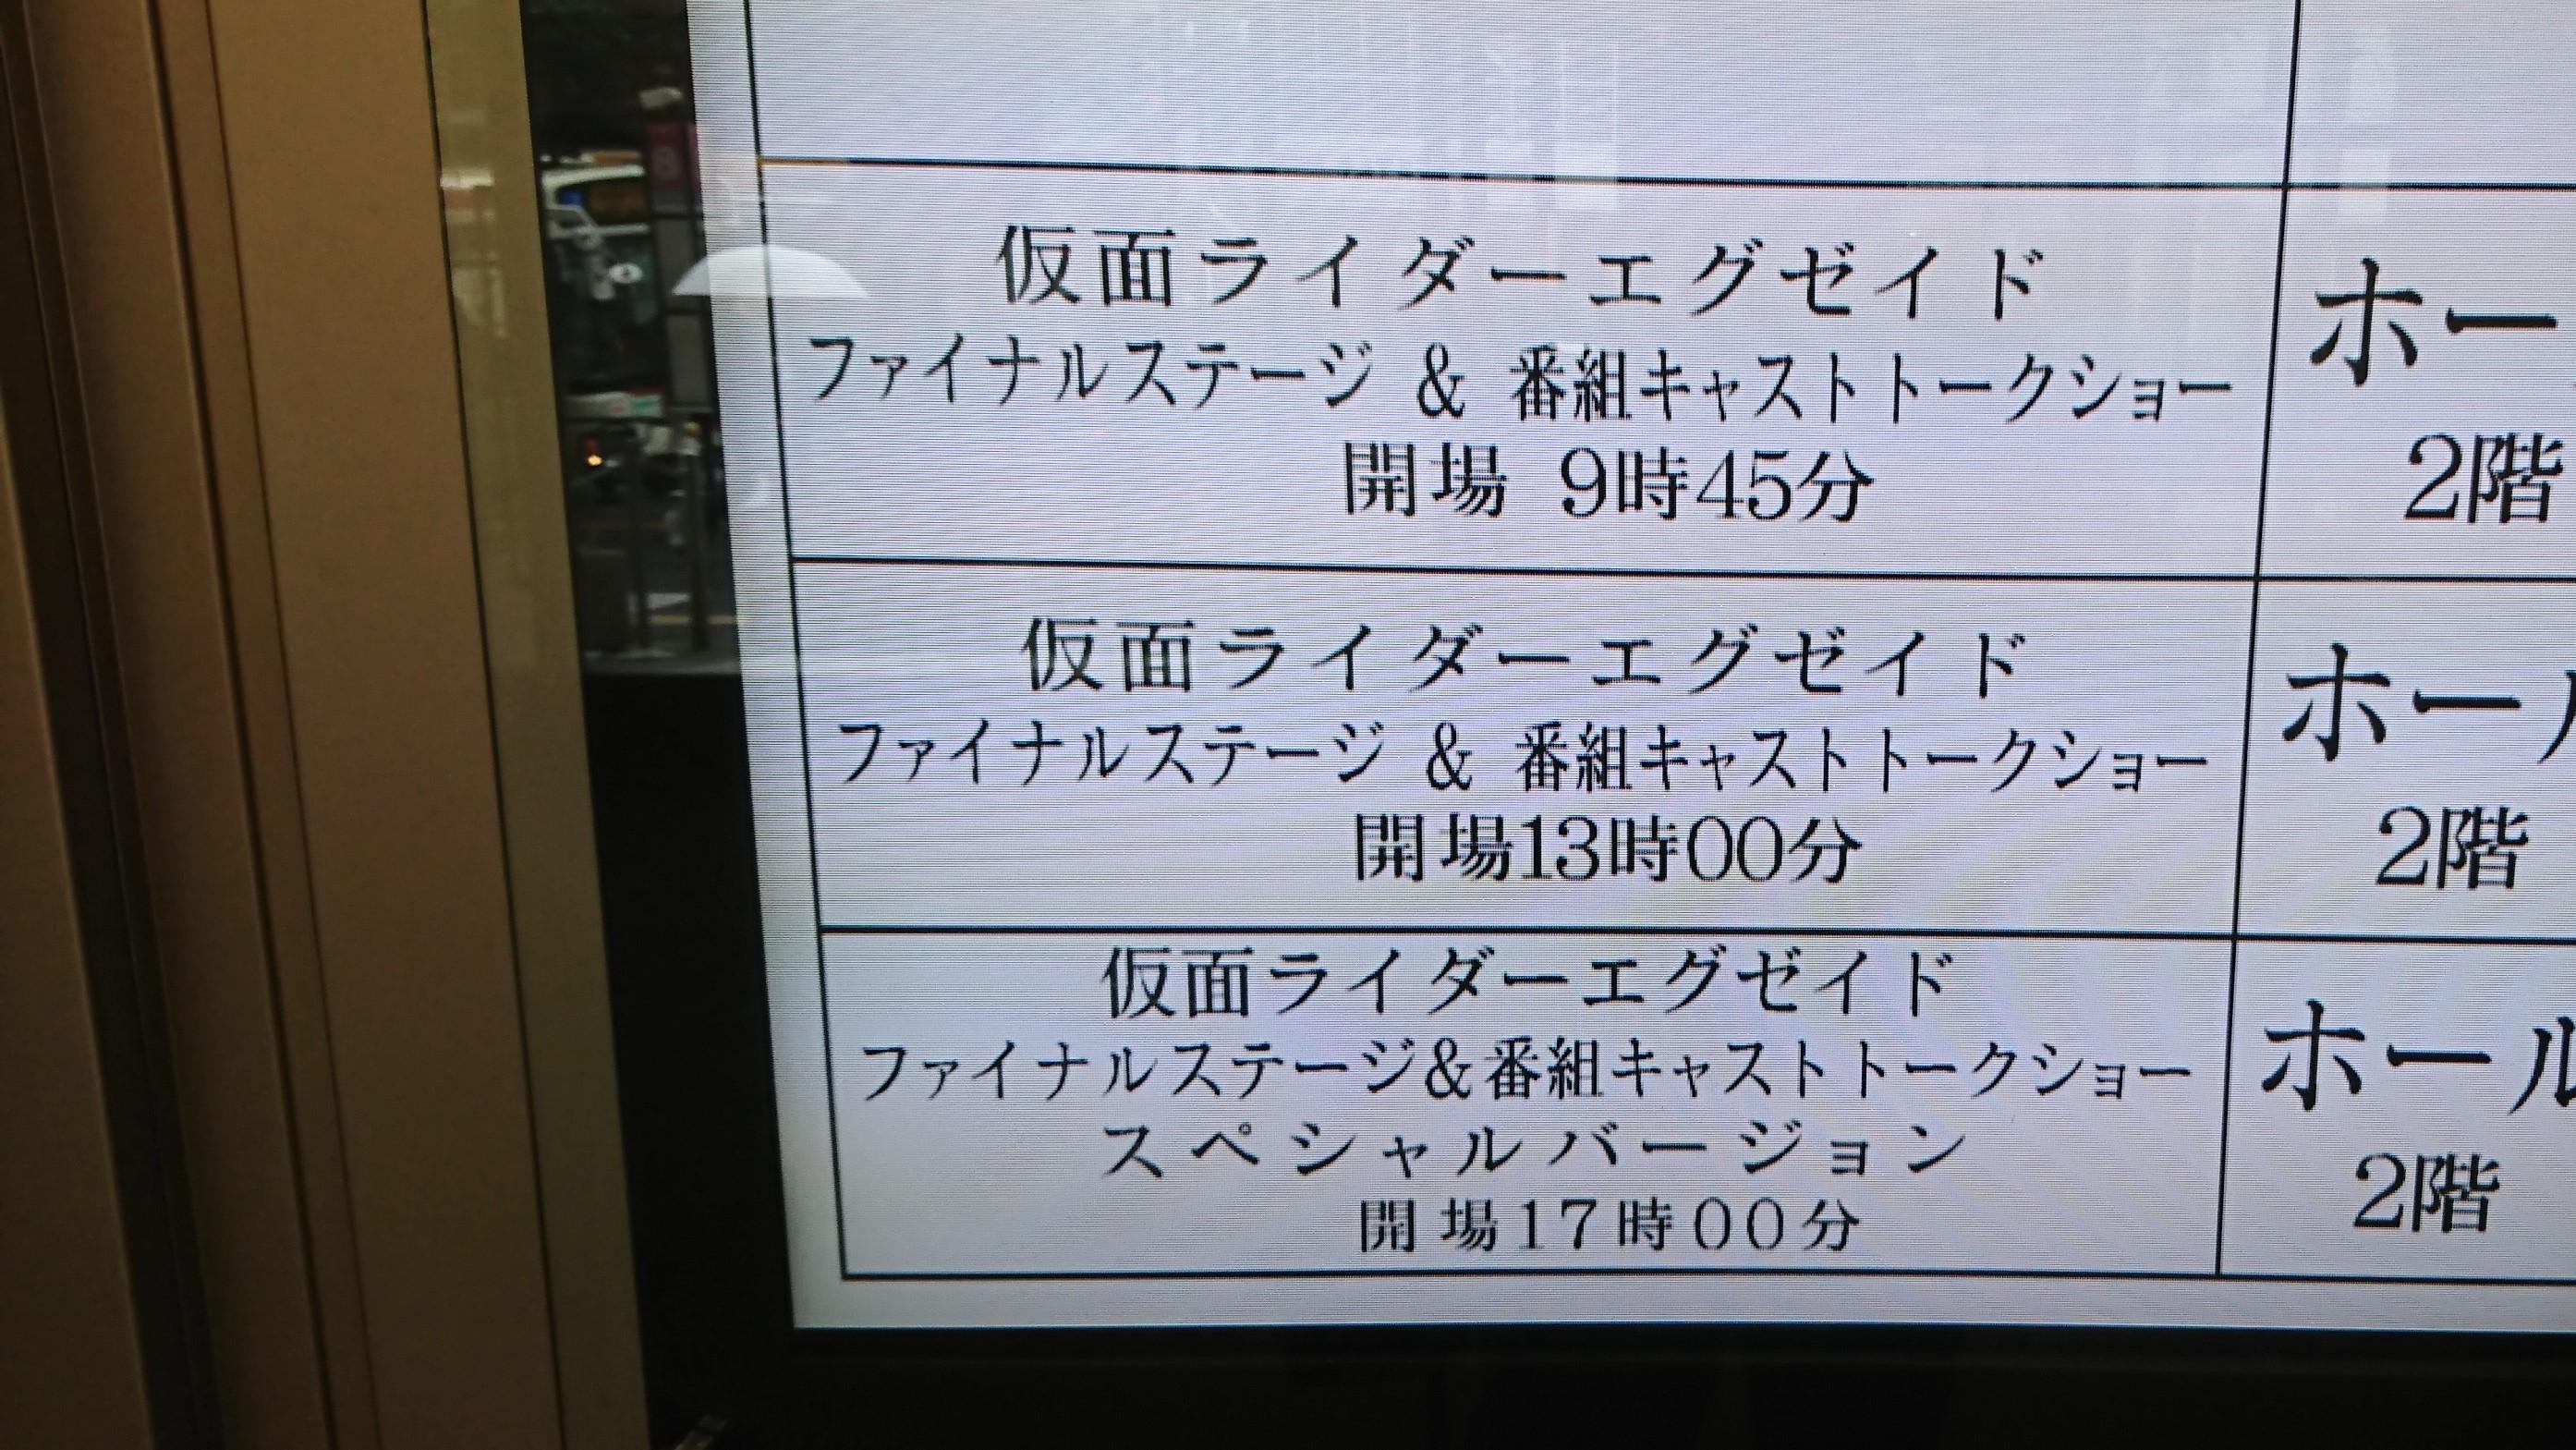 仮面ライダーエグゼイドファイナルステージに行ってきた!